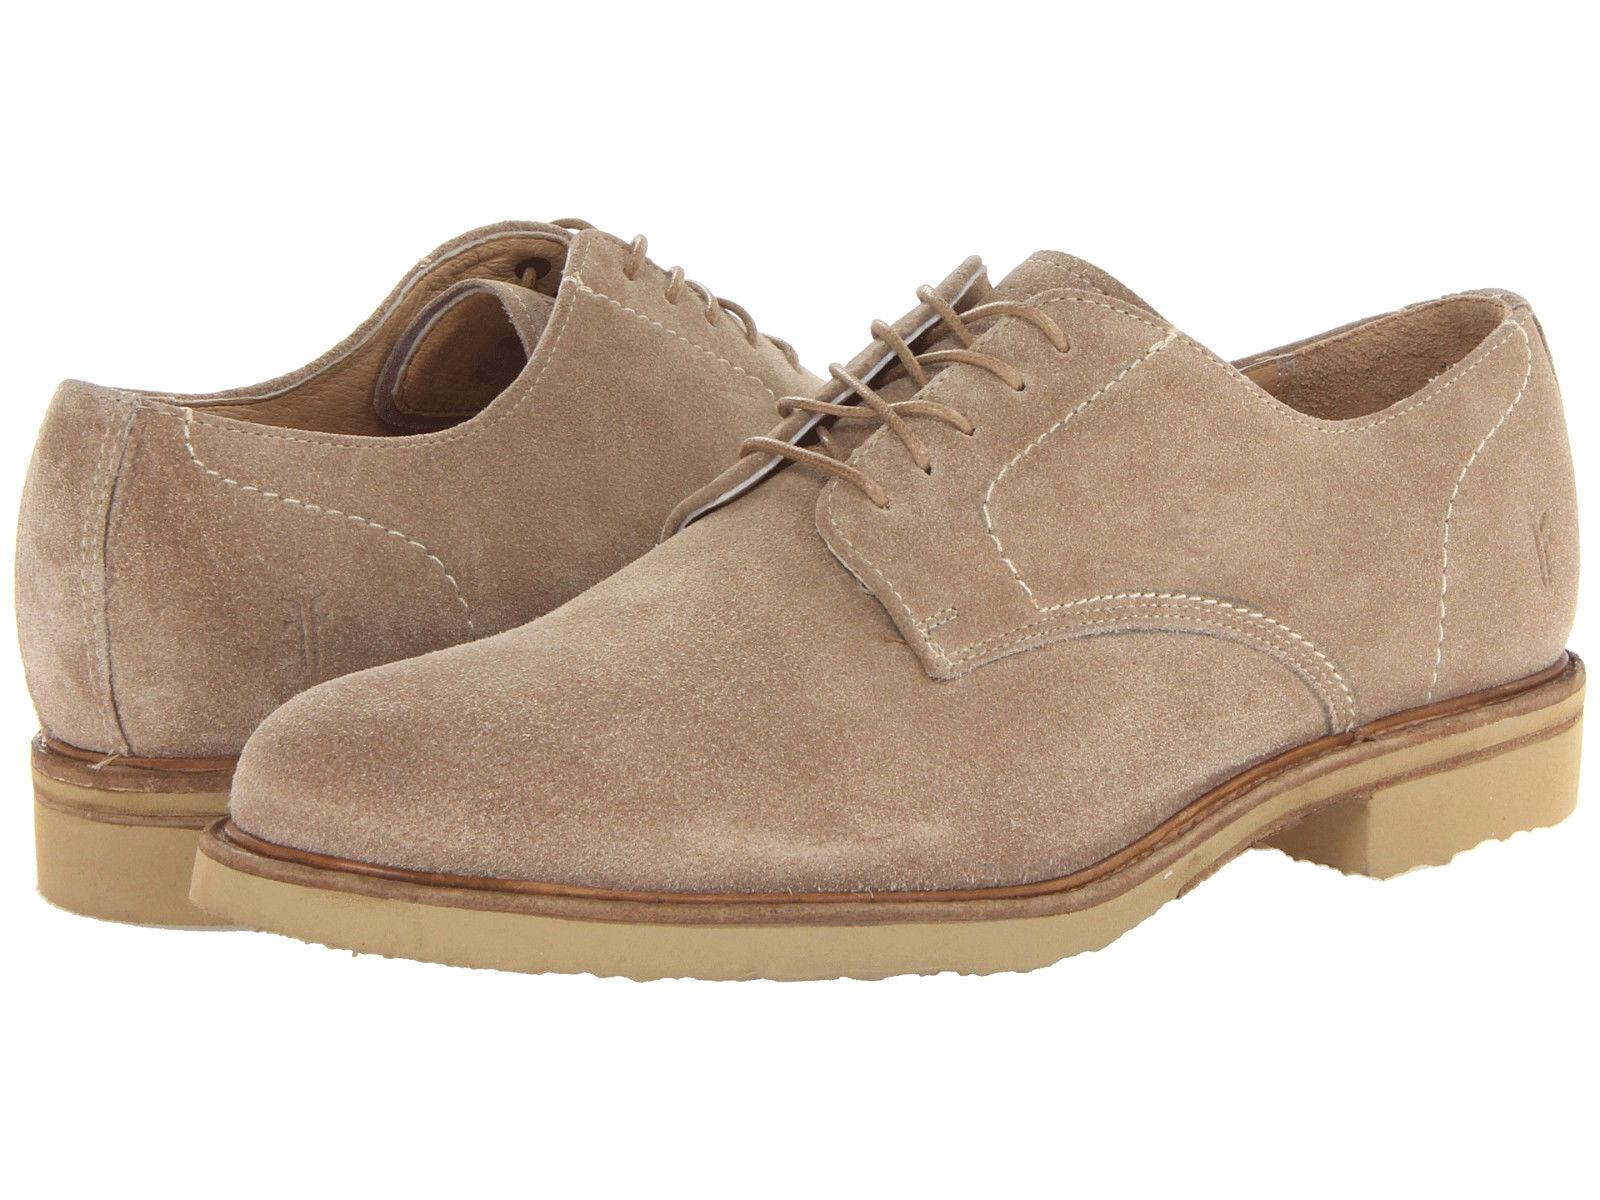 Frye Jim pour homme Oxford Lacets Plain Toe Derby Affaires   Décontractée Chaussures